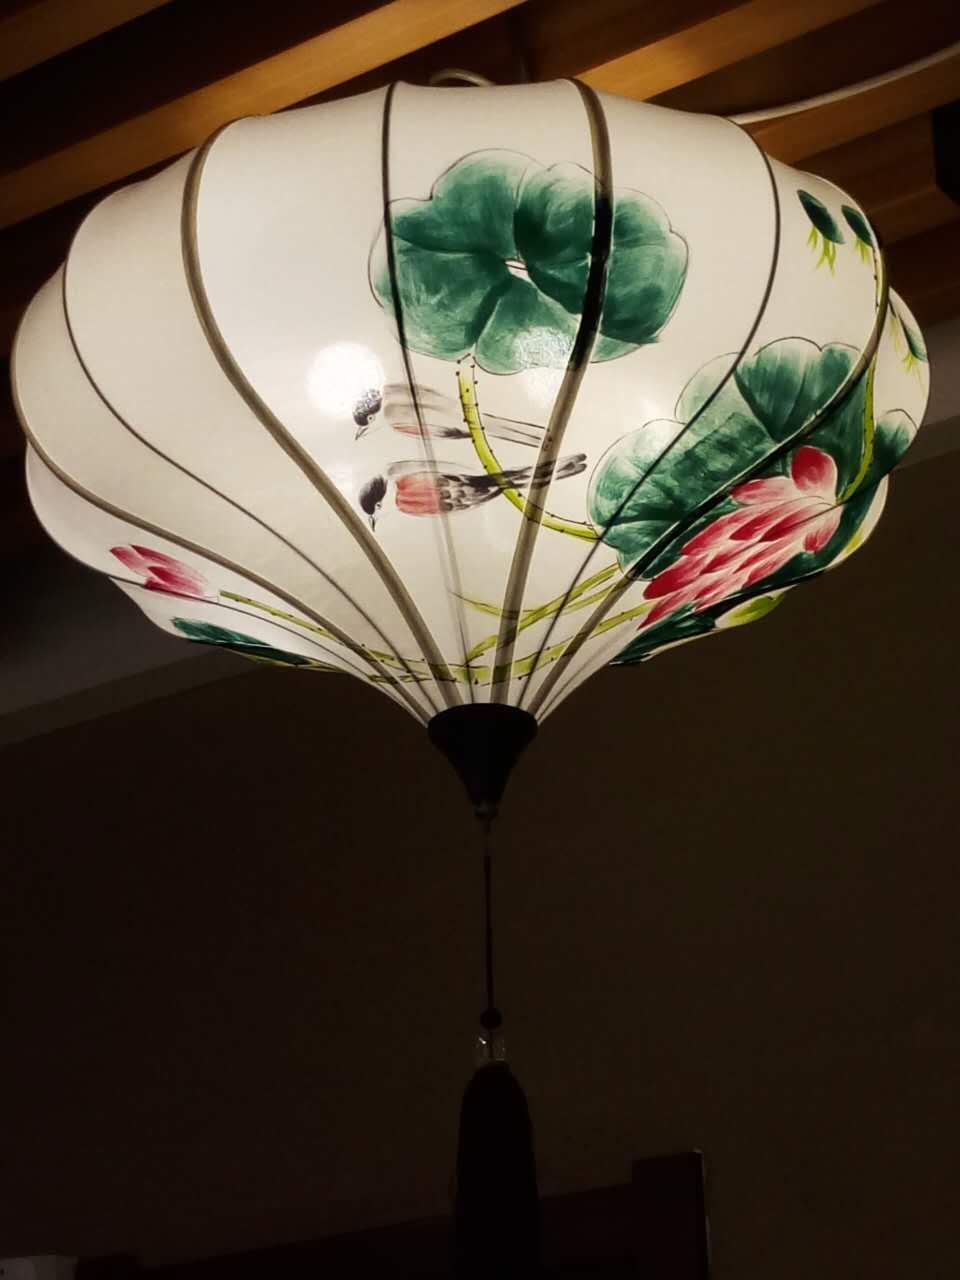 甘肃景观灯笼-山东羊皮灯笼-郑州羊皮灯笼